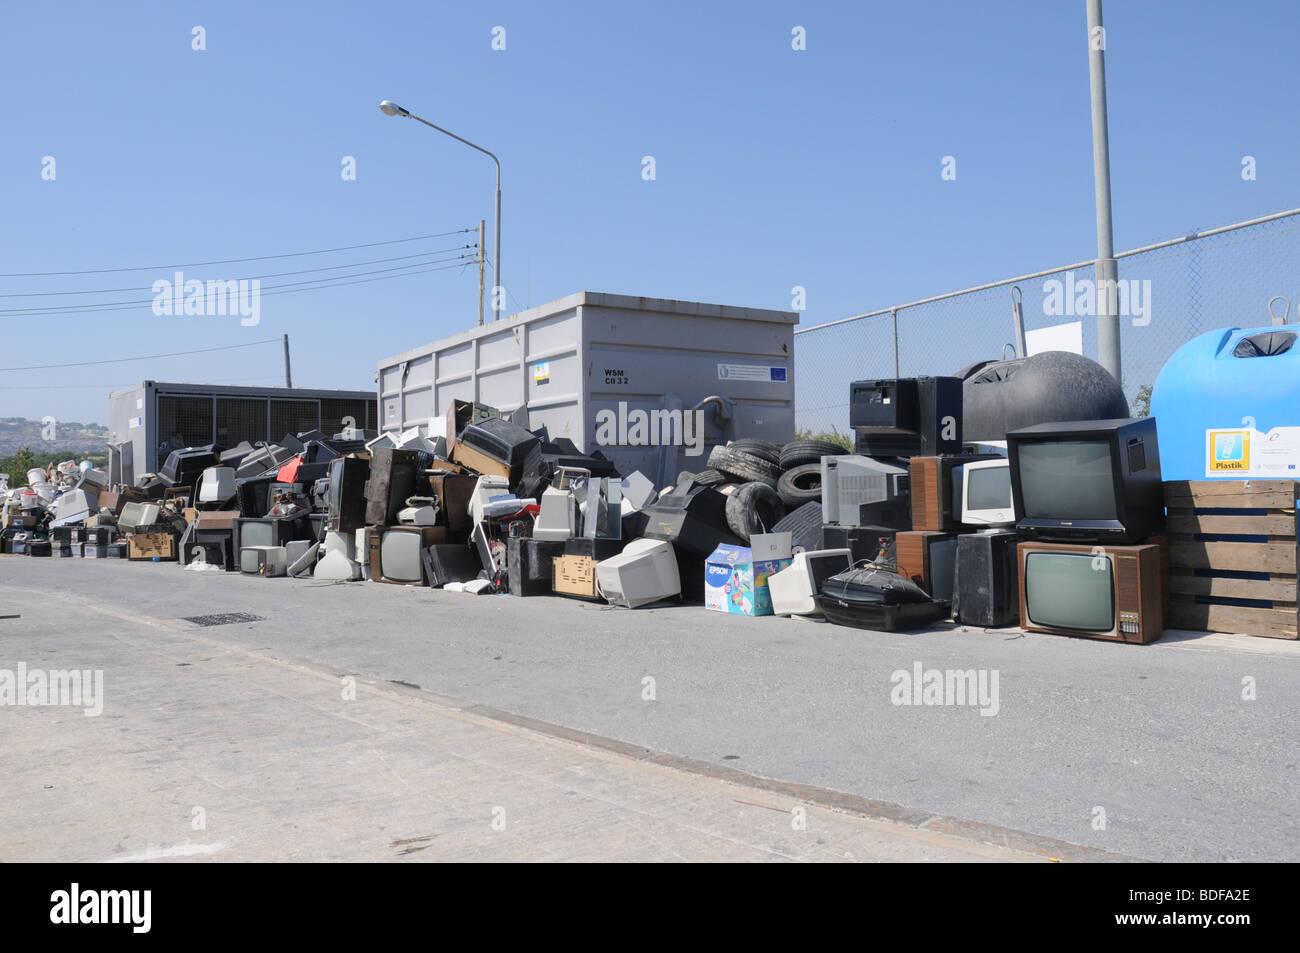 Una sección en un sitio de esparcimiento cívico donde los neumáticos usados y aparatos eléctricos Imagen De Stock